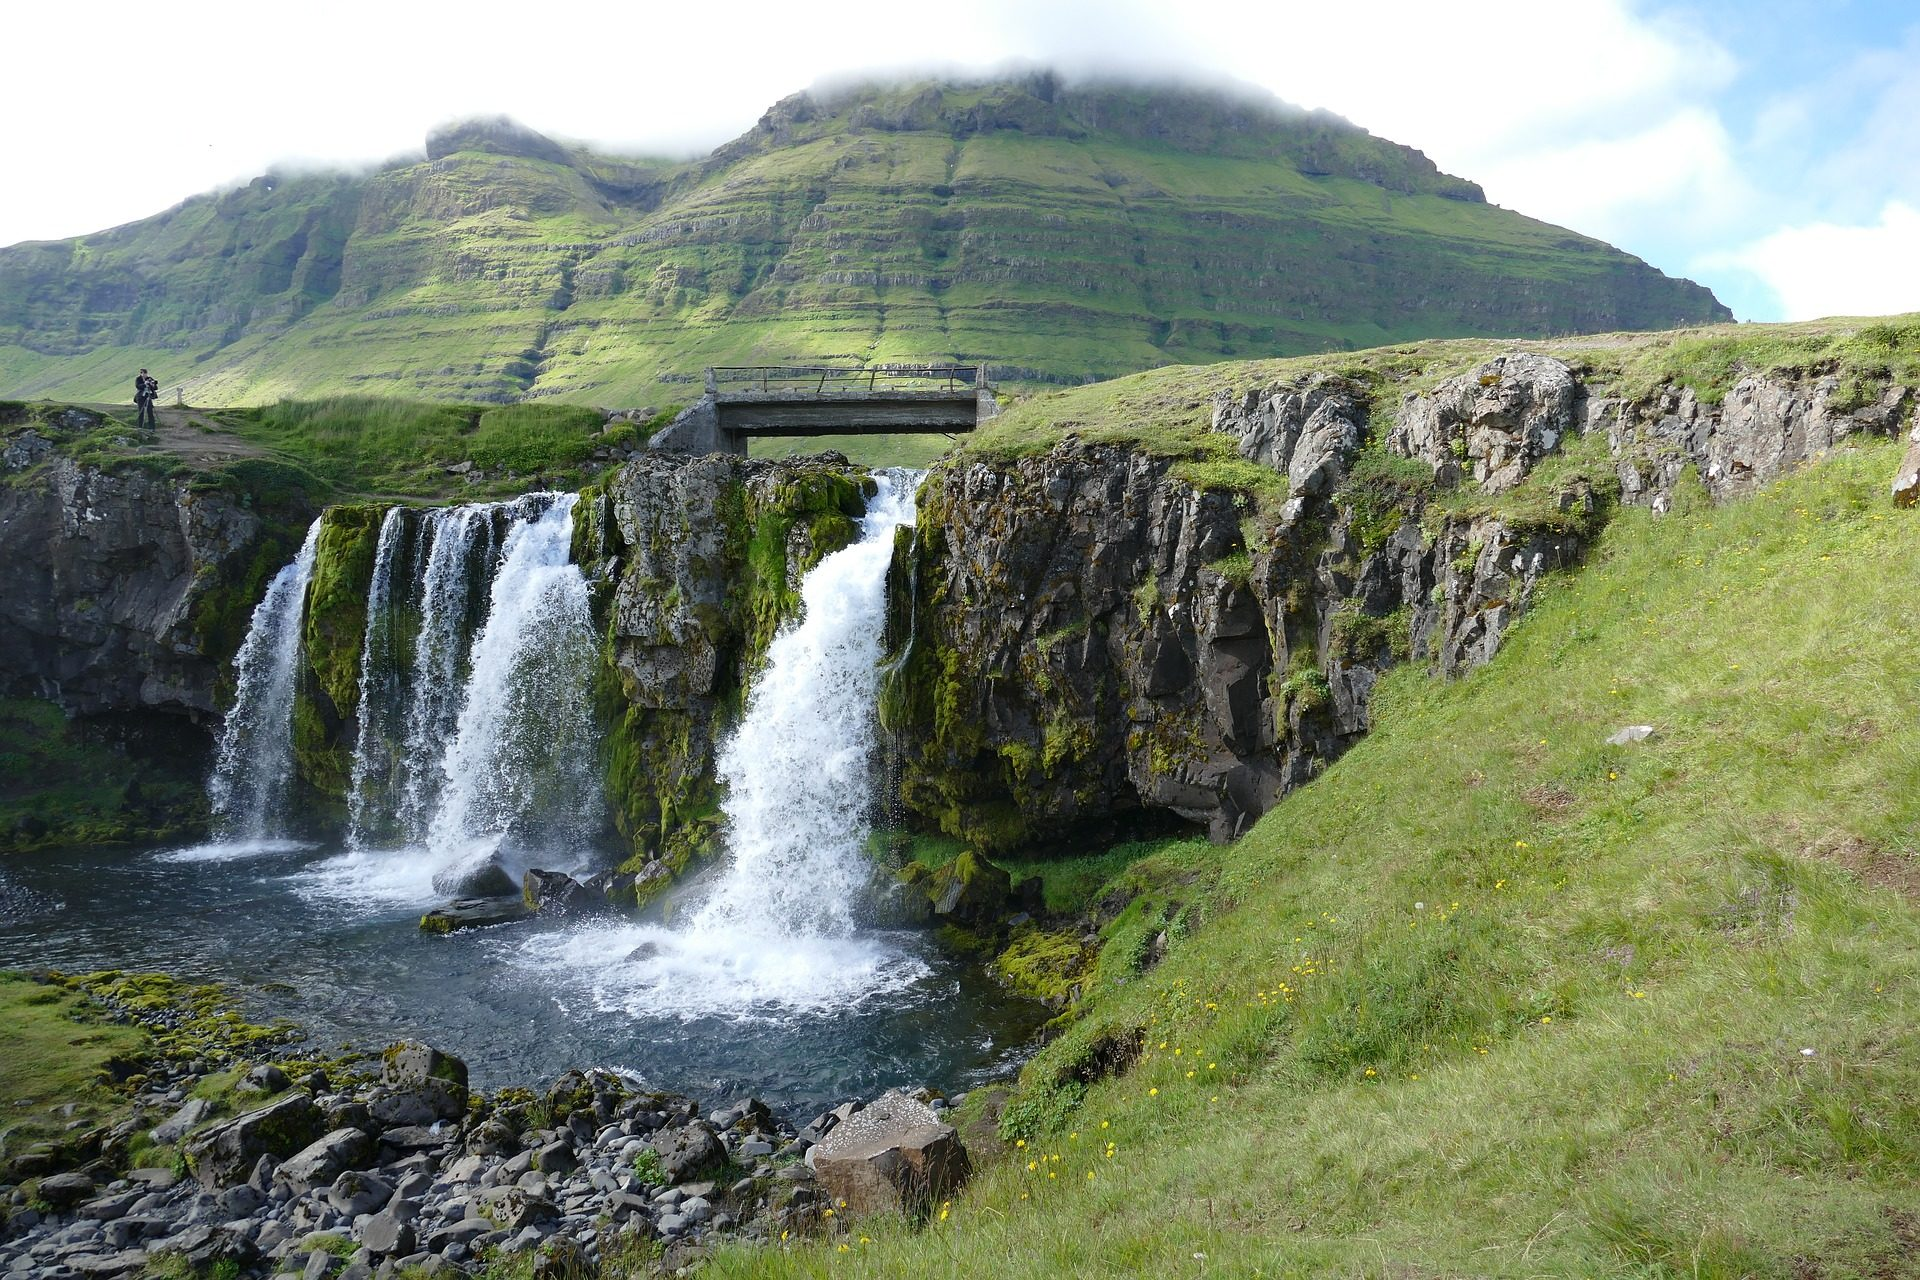 воды, Рио, cataratas, Водопад, Монтаньяс, snaefellness, Исландия - Обои HD - Профессор falken.com